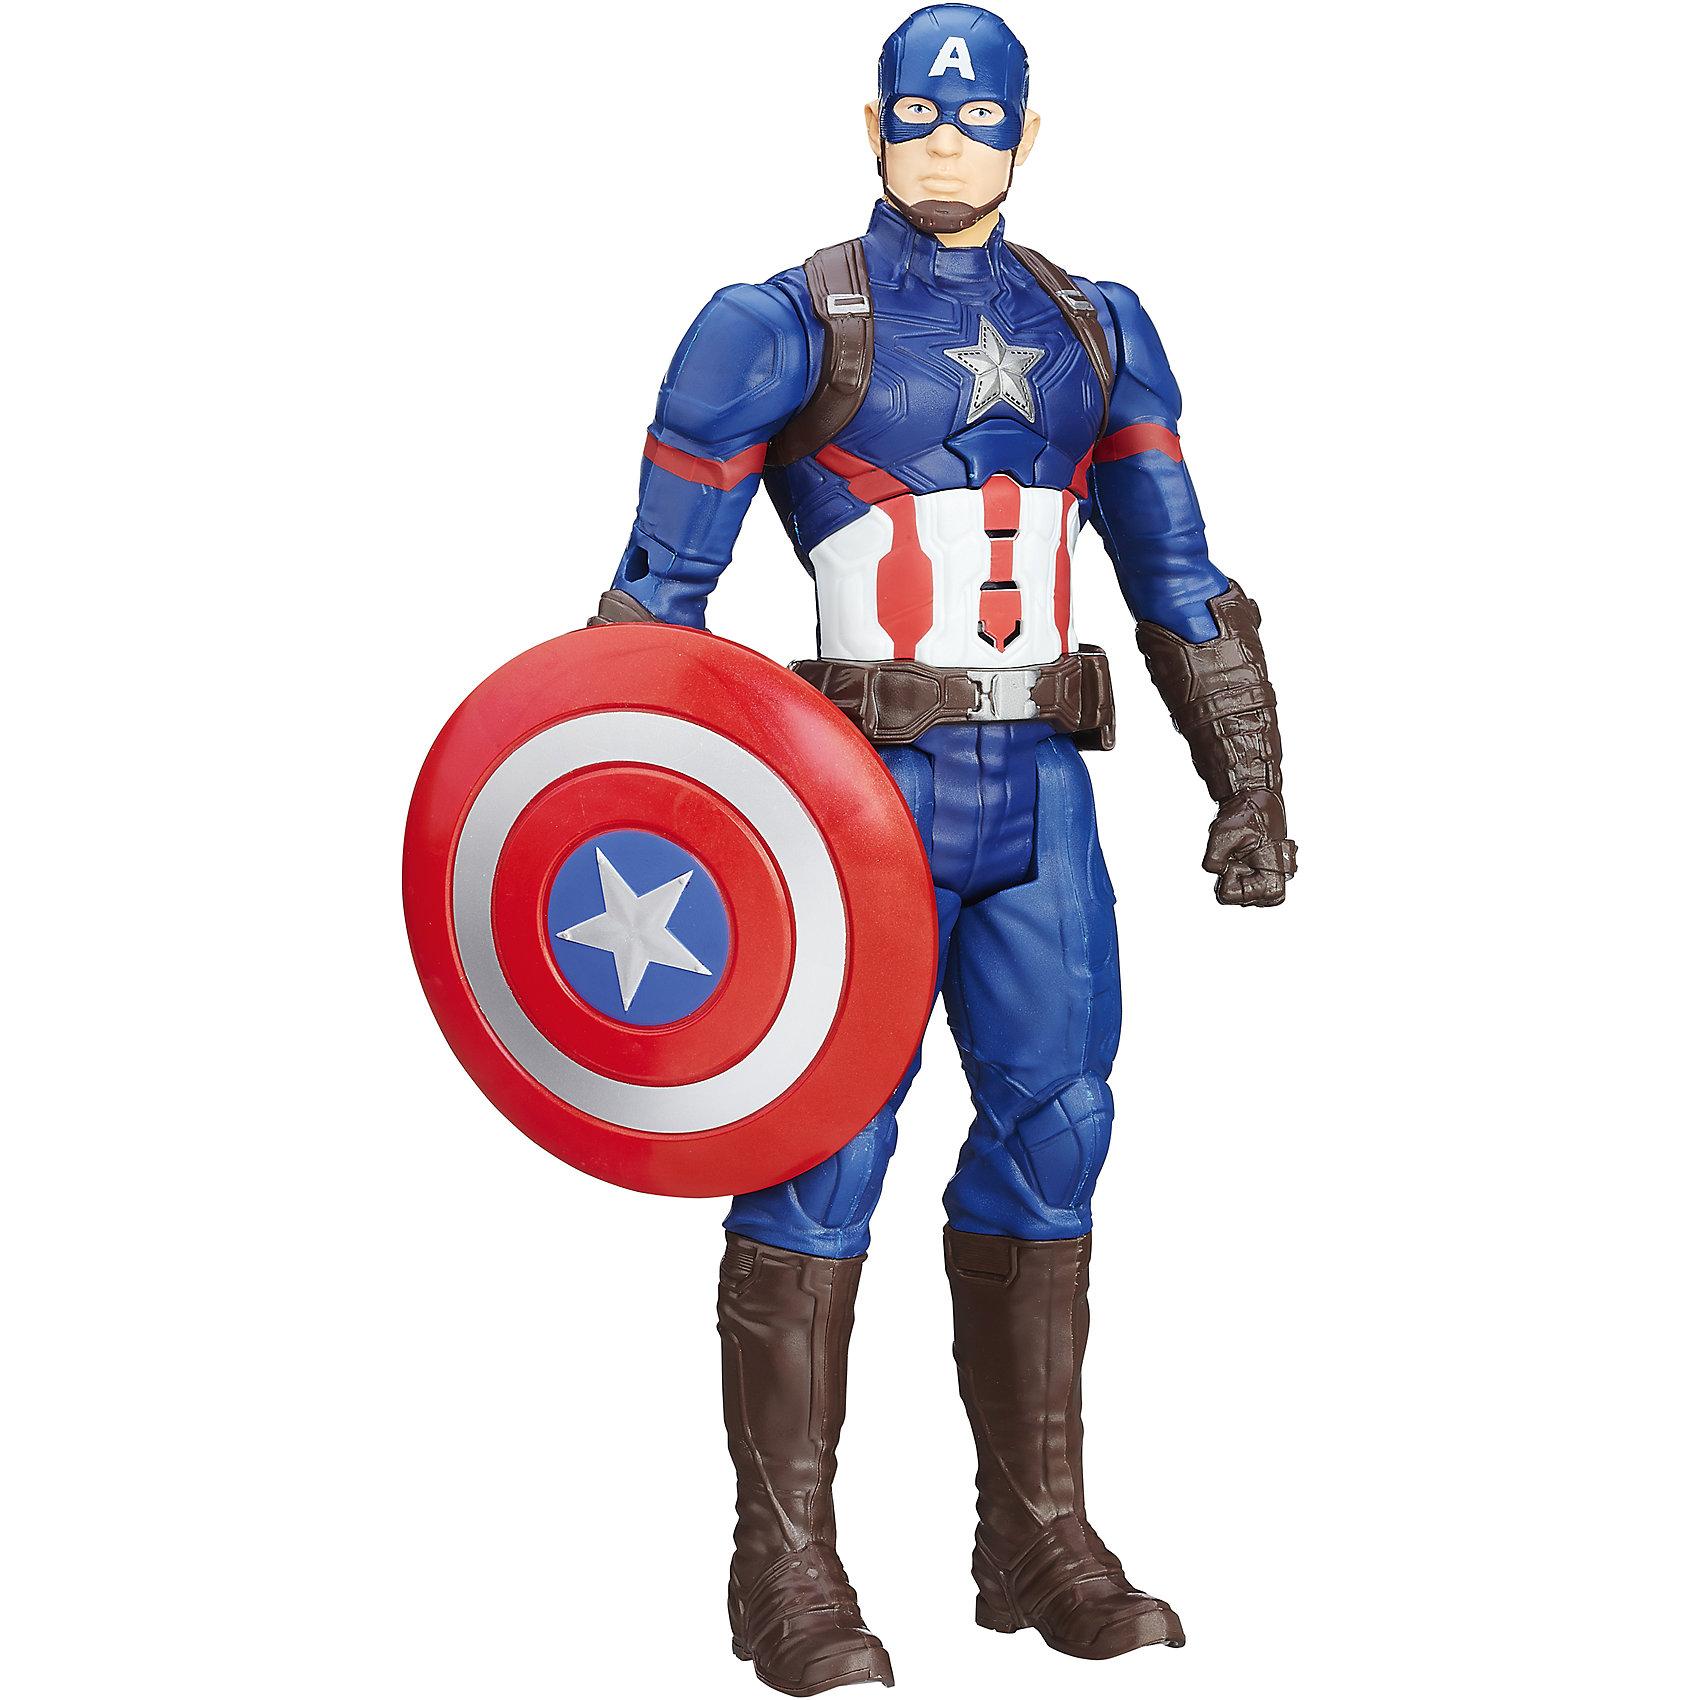 Hasbro Интерактивная фигурка Первого Мстителя игрушка hasbro avengers интерактивная фигурка первого мстителя b6176121